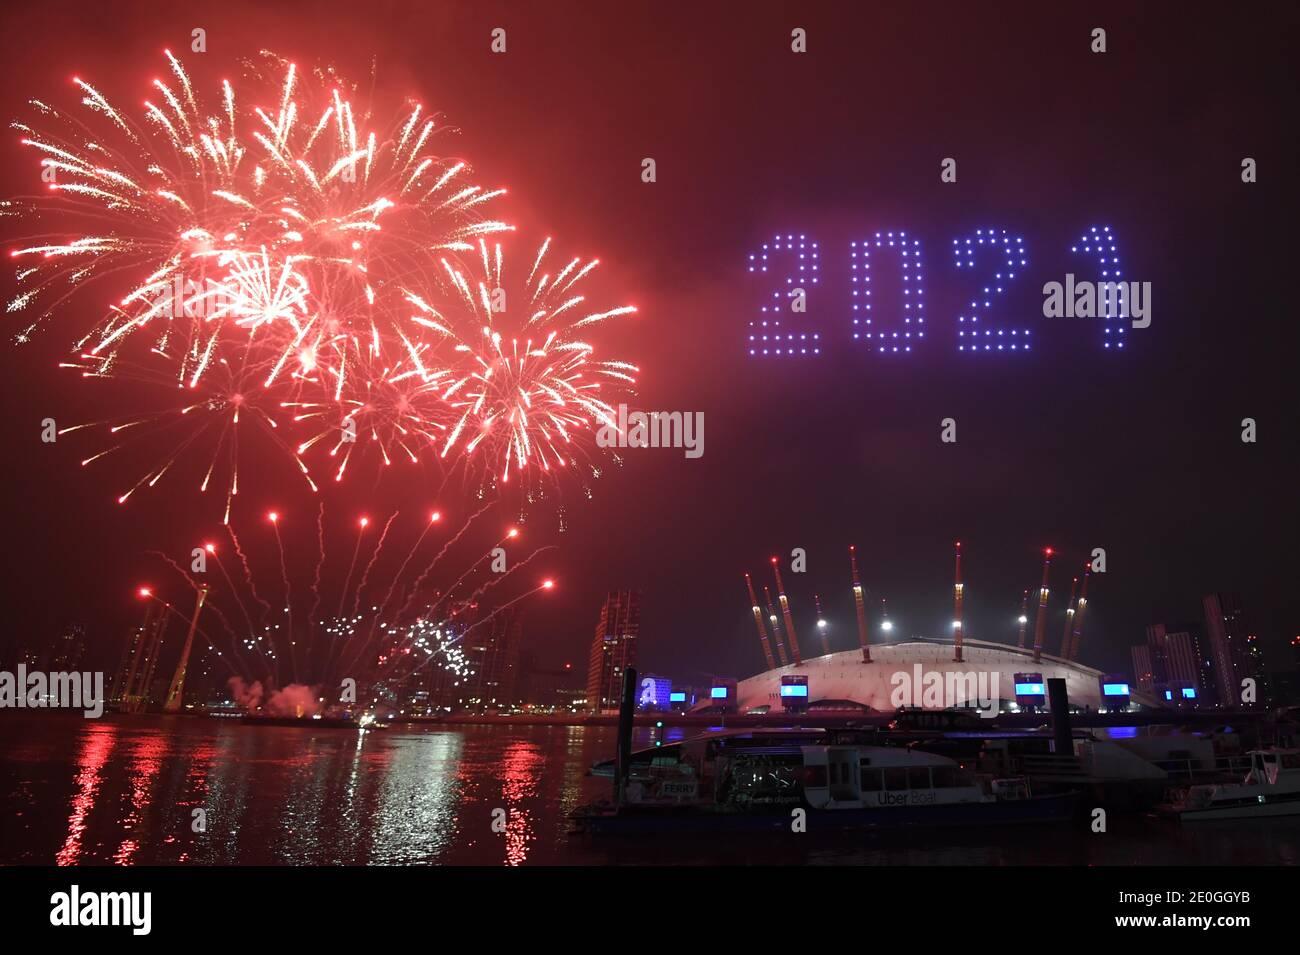 Fuochi d'artificio e droni illuminano il cielo notturno sull'O2 di Londra, formando un'esposizione luminosa, poiché la normale esposizione di fuochi d'artificio di Capodanno di Londra è stata annullata a causa della pandemia del coronavirus. Foto Stock